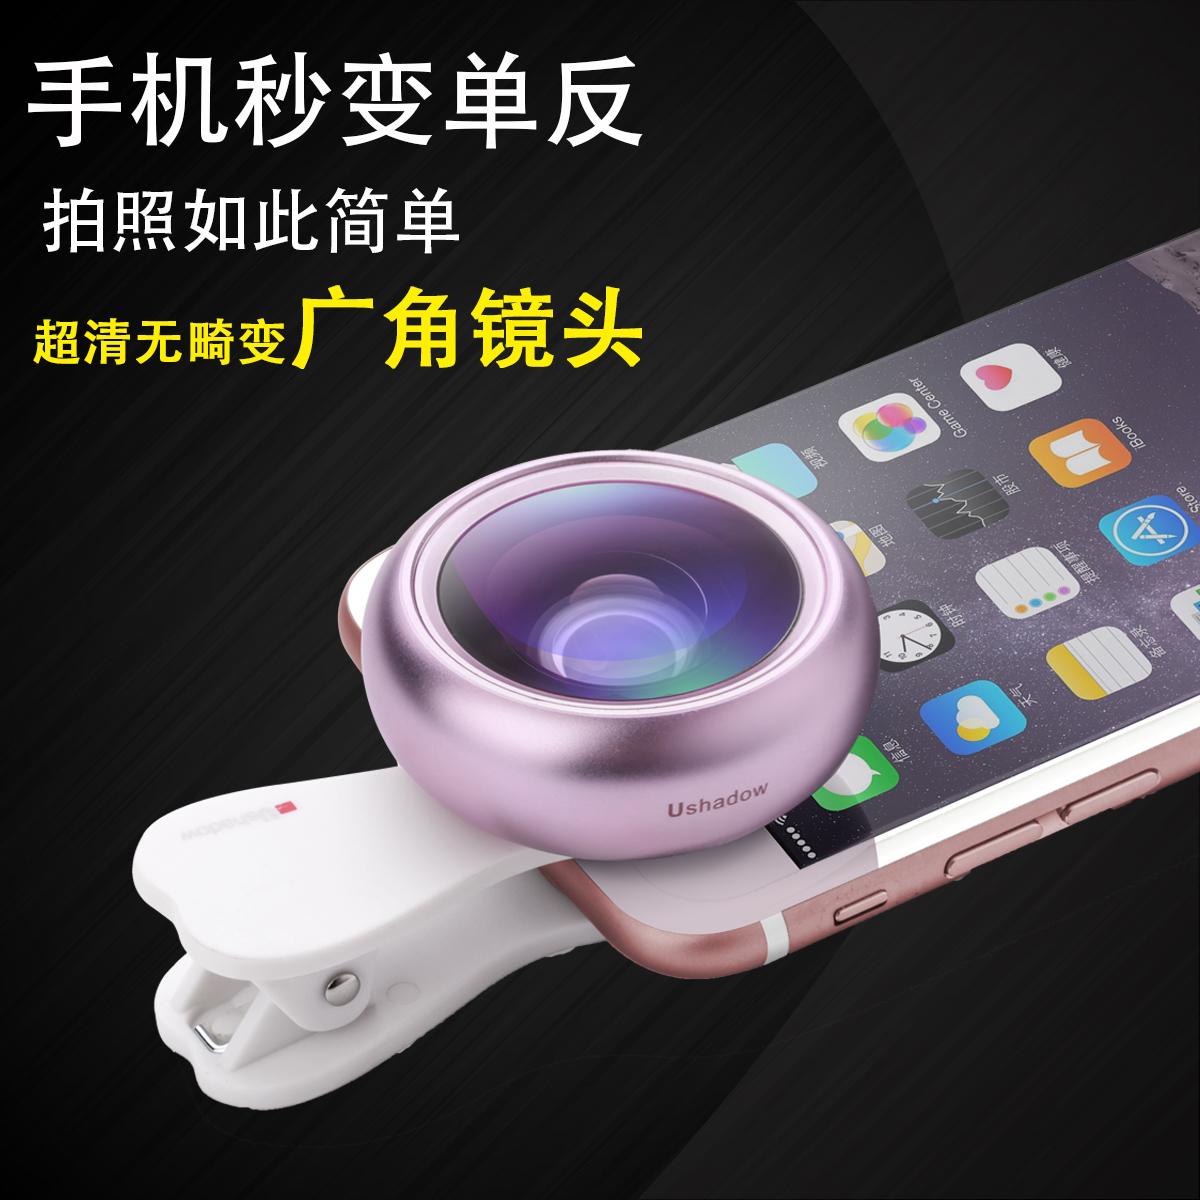 苹果安卓手机合金镜头110度广角时尚女士专用自拍镜头